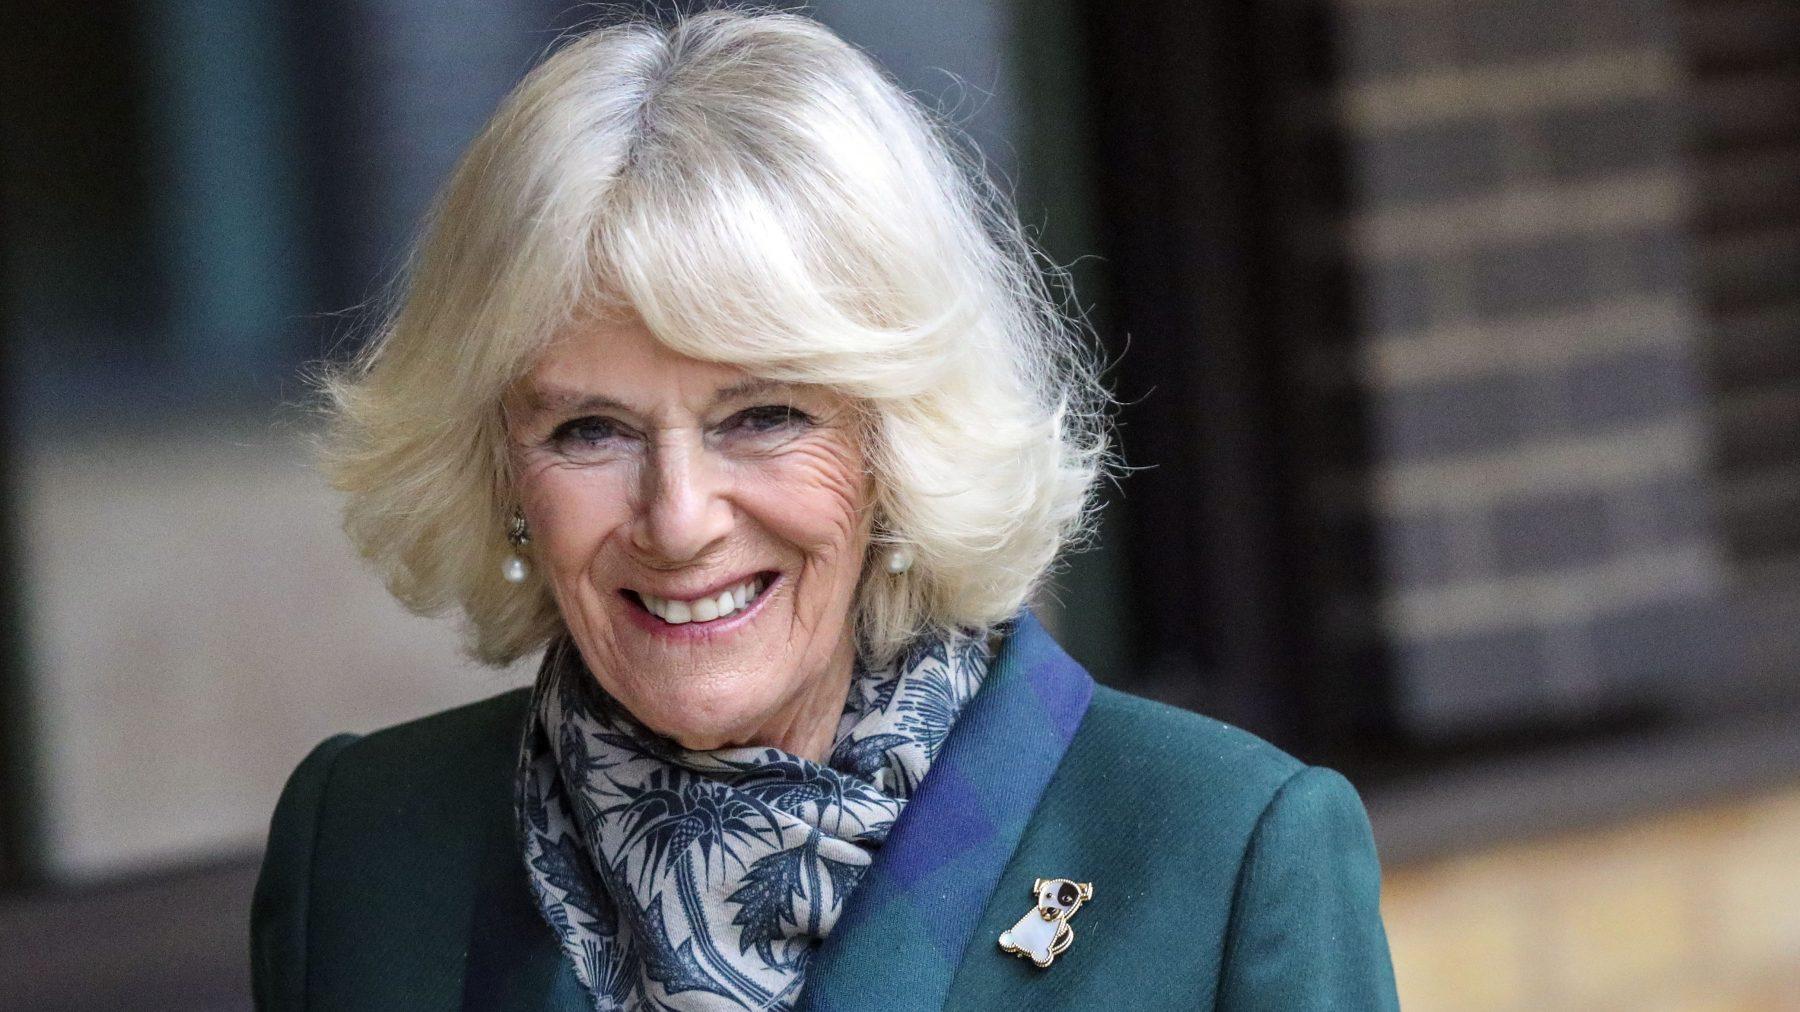 Camilla blijkt onverwacht stijlicoon, sneakers in no time uitverkocht - LINDA.